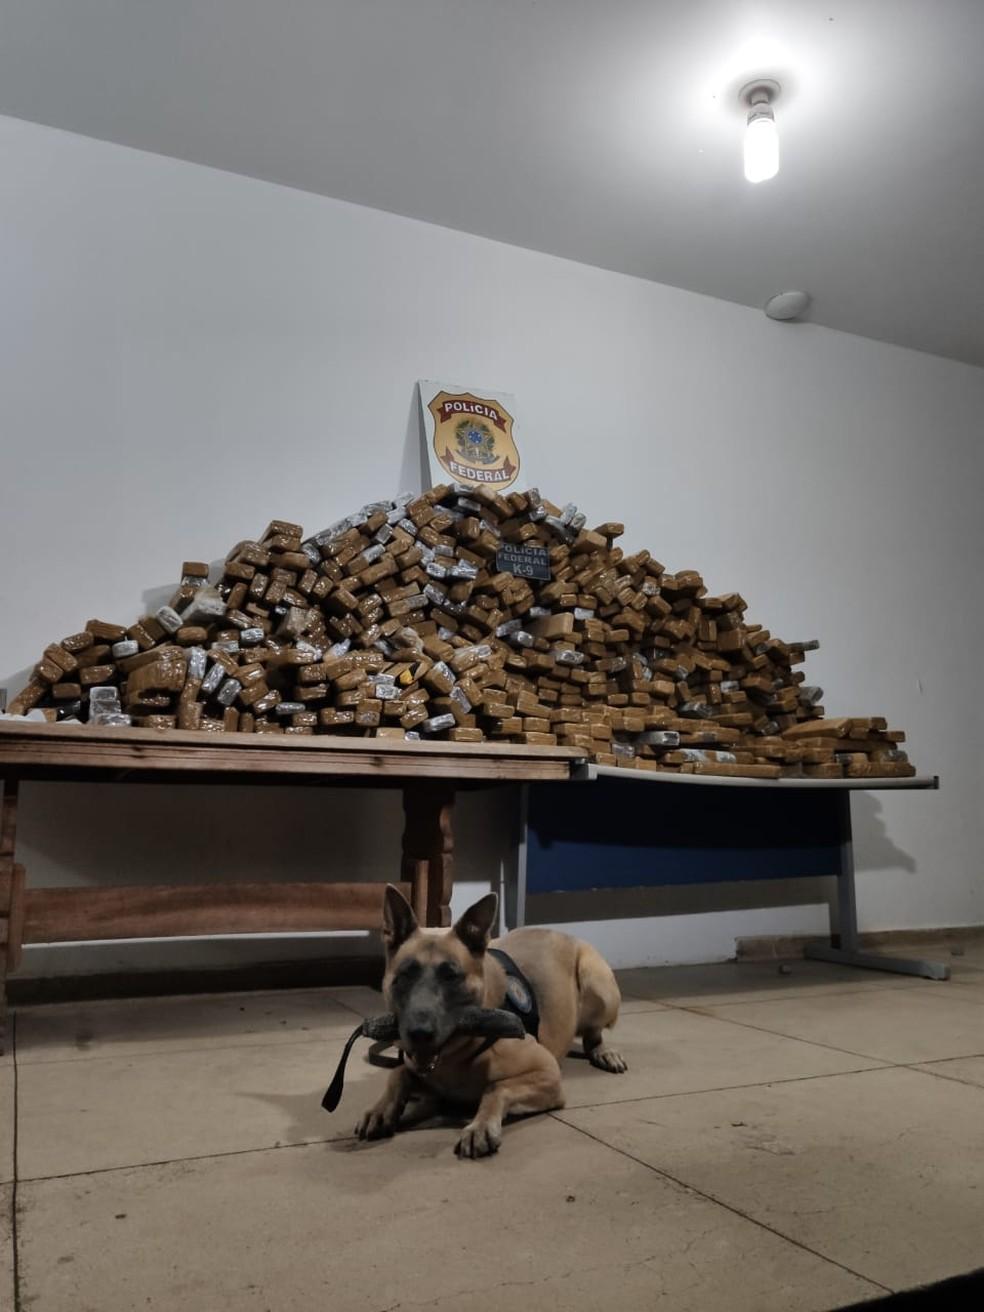 Segundo o delegado, o cão farejador apontou que havia alguma substância no interior do veículo — Foto: Polícia Federal de Mato Grosso